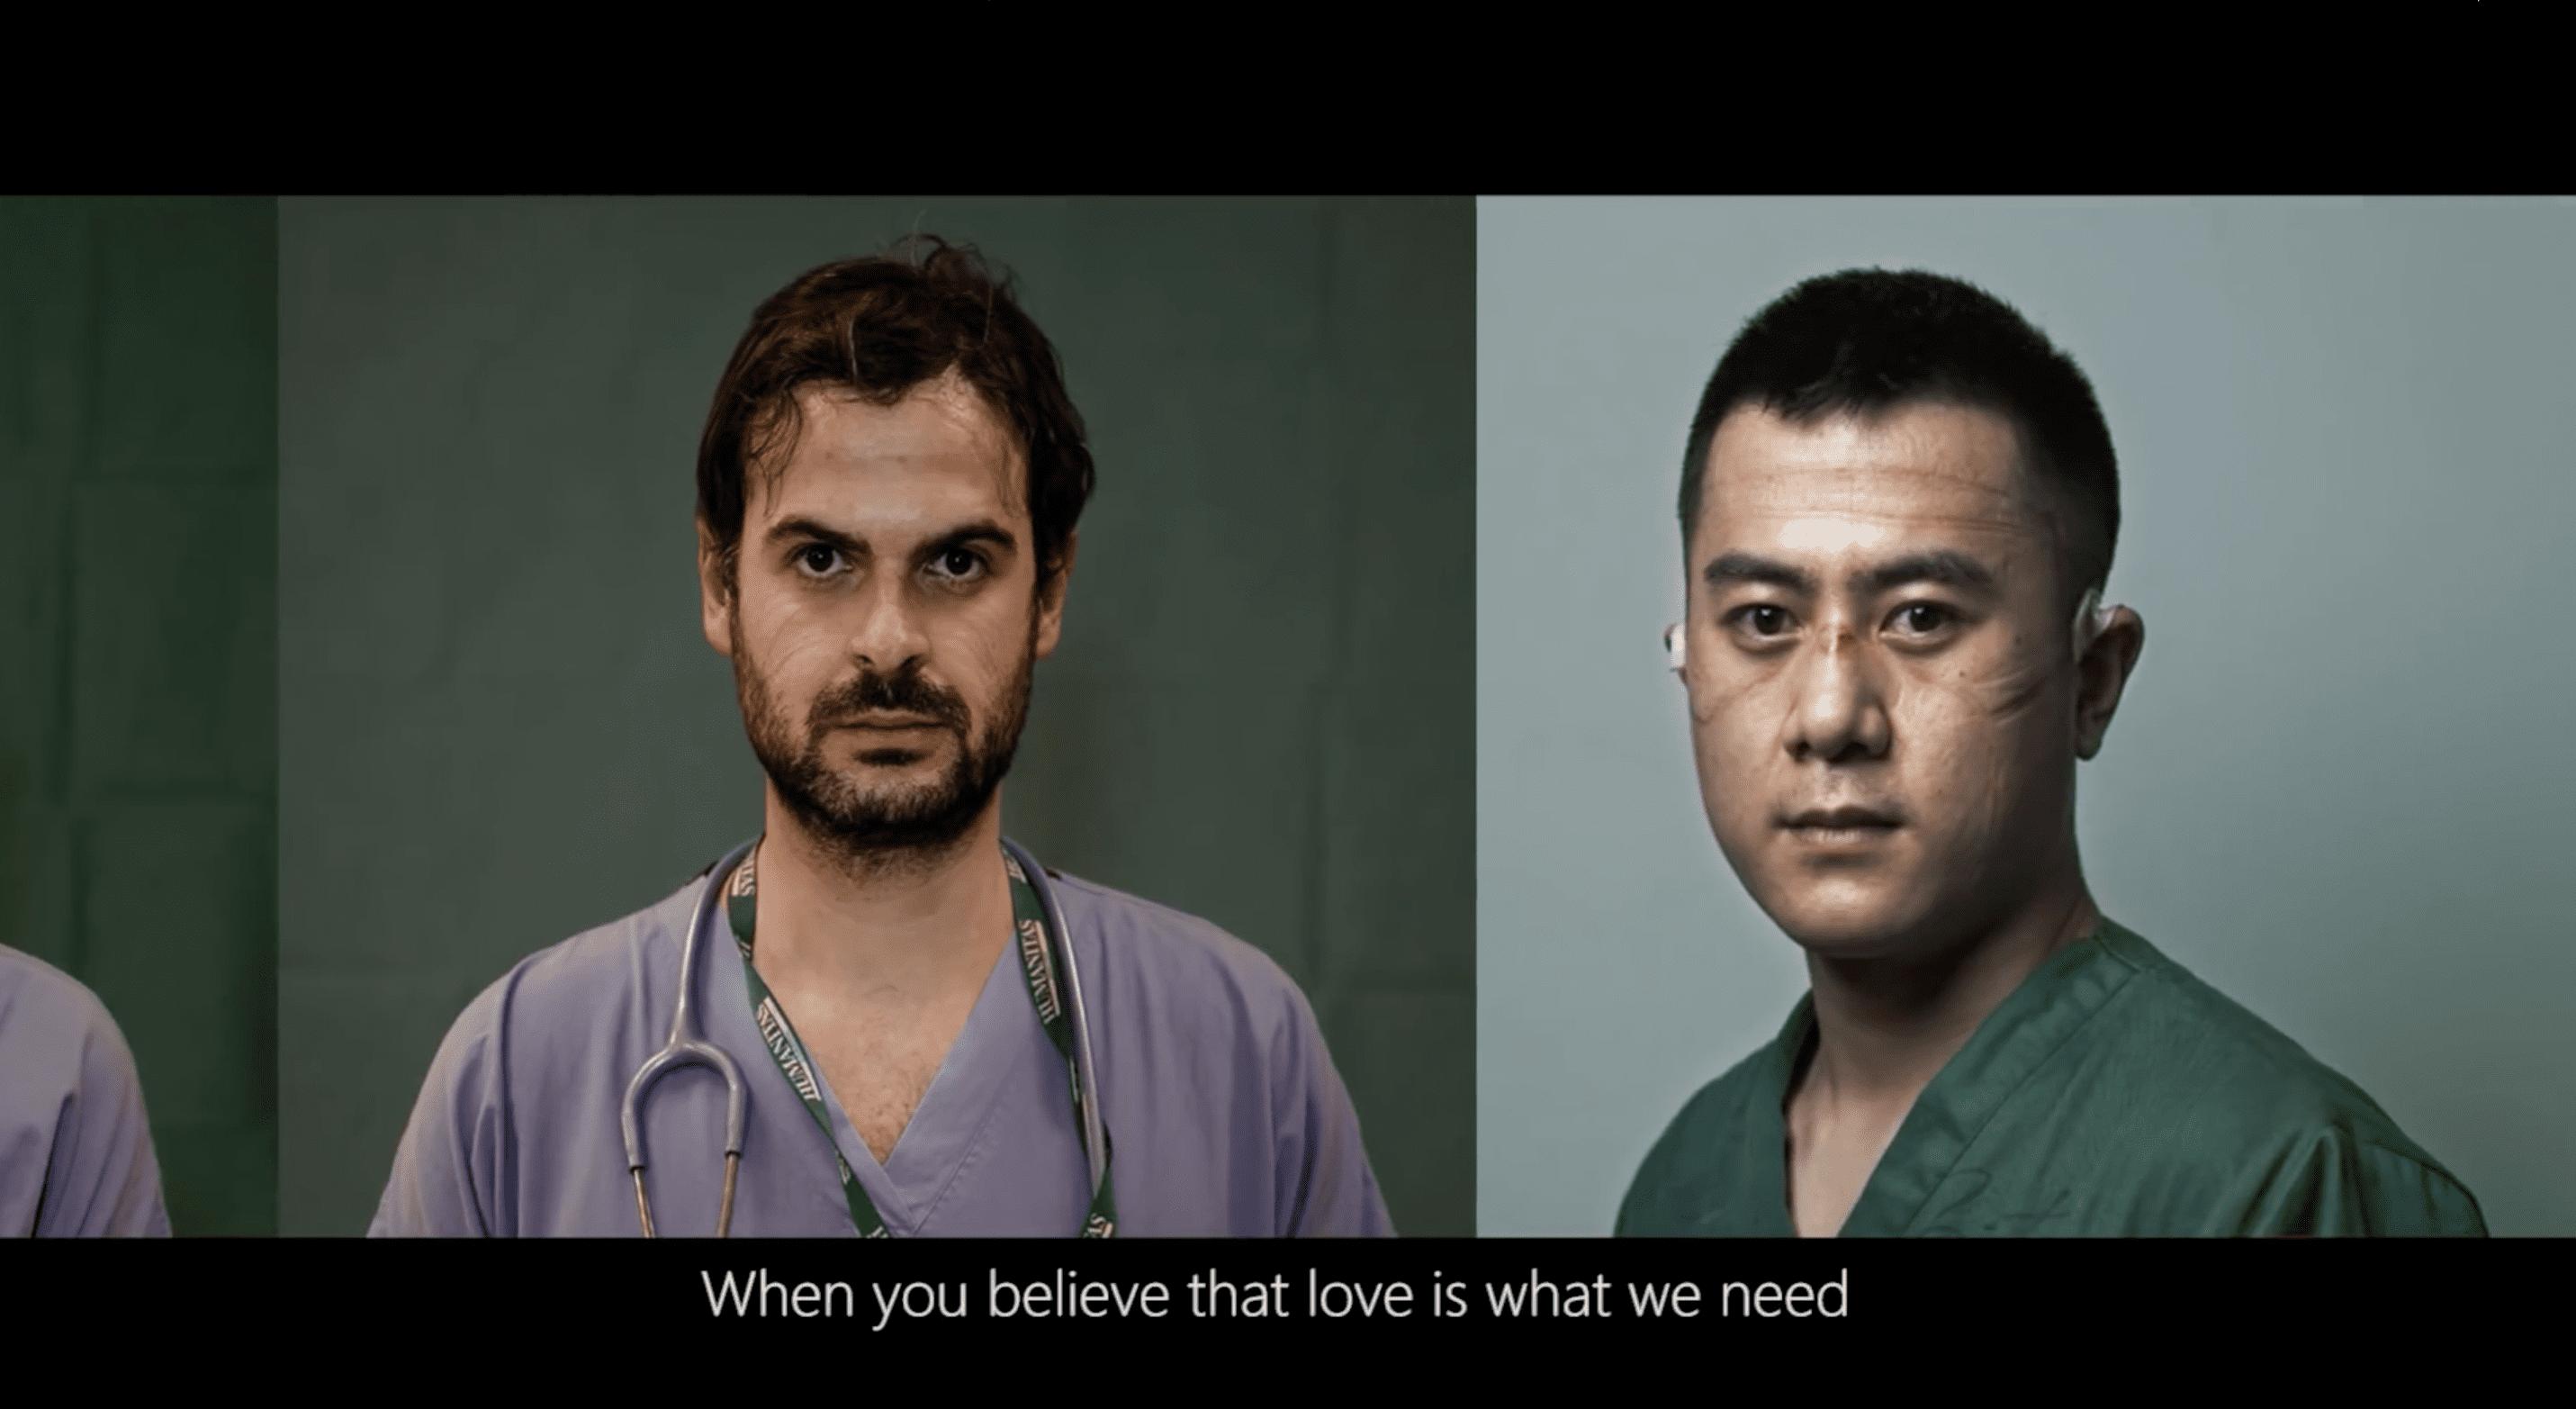 MV穿插海外和中國醫護人員照片